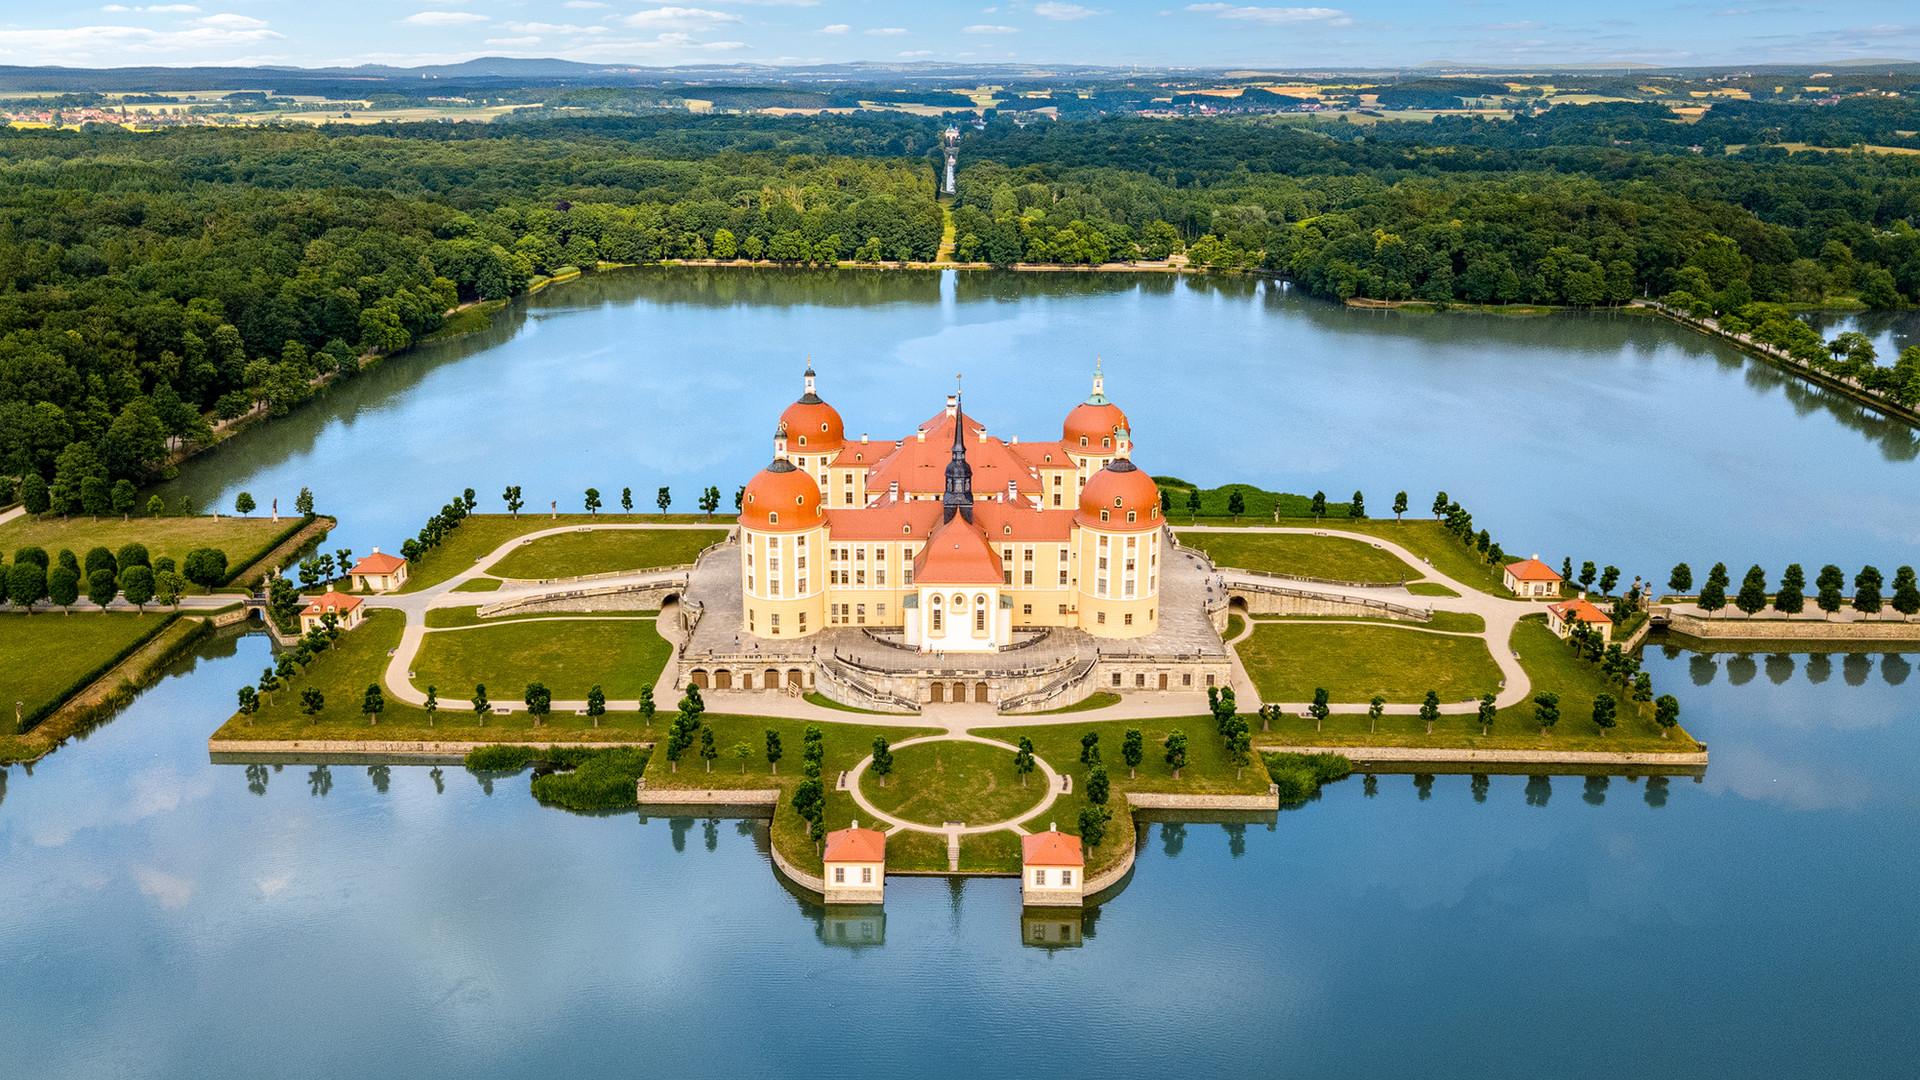 Client: Schloss Moritzburg